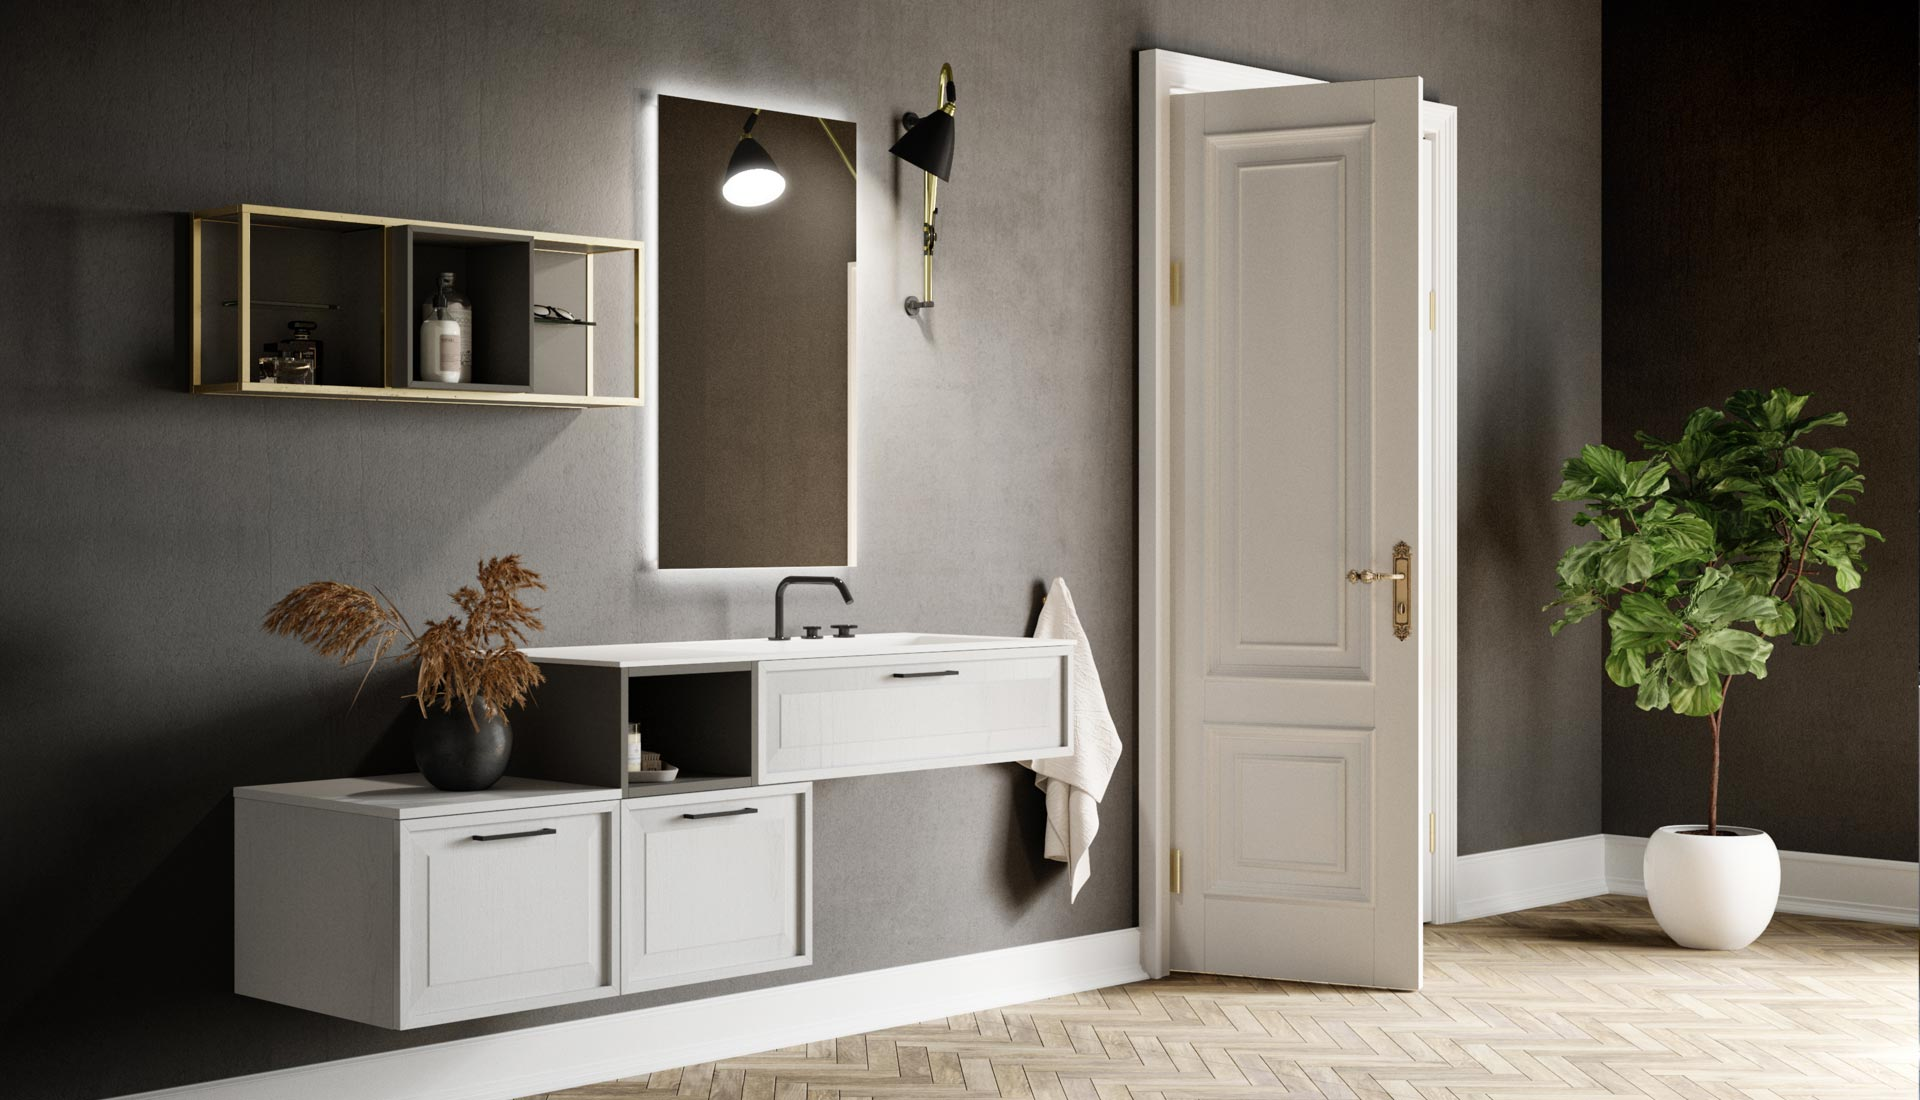 Arredo bagno mobili e arredamento bagno su misura puntotre - Arredo bagno piacenza e provincia ...